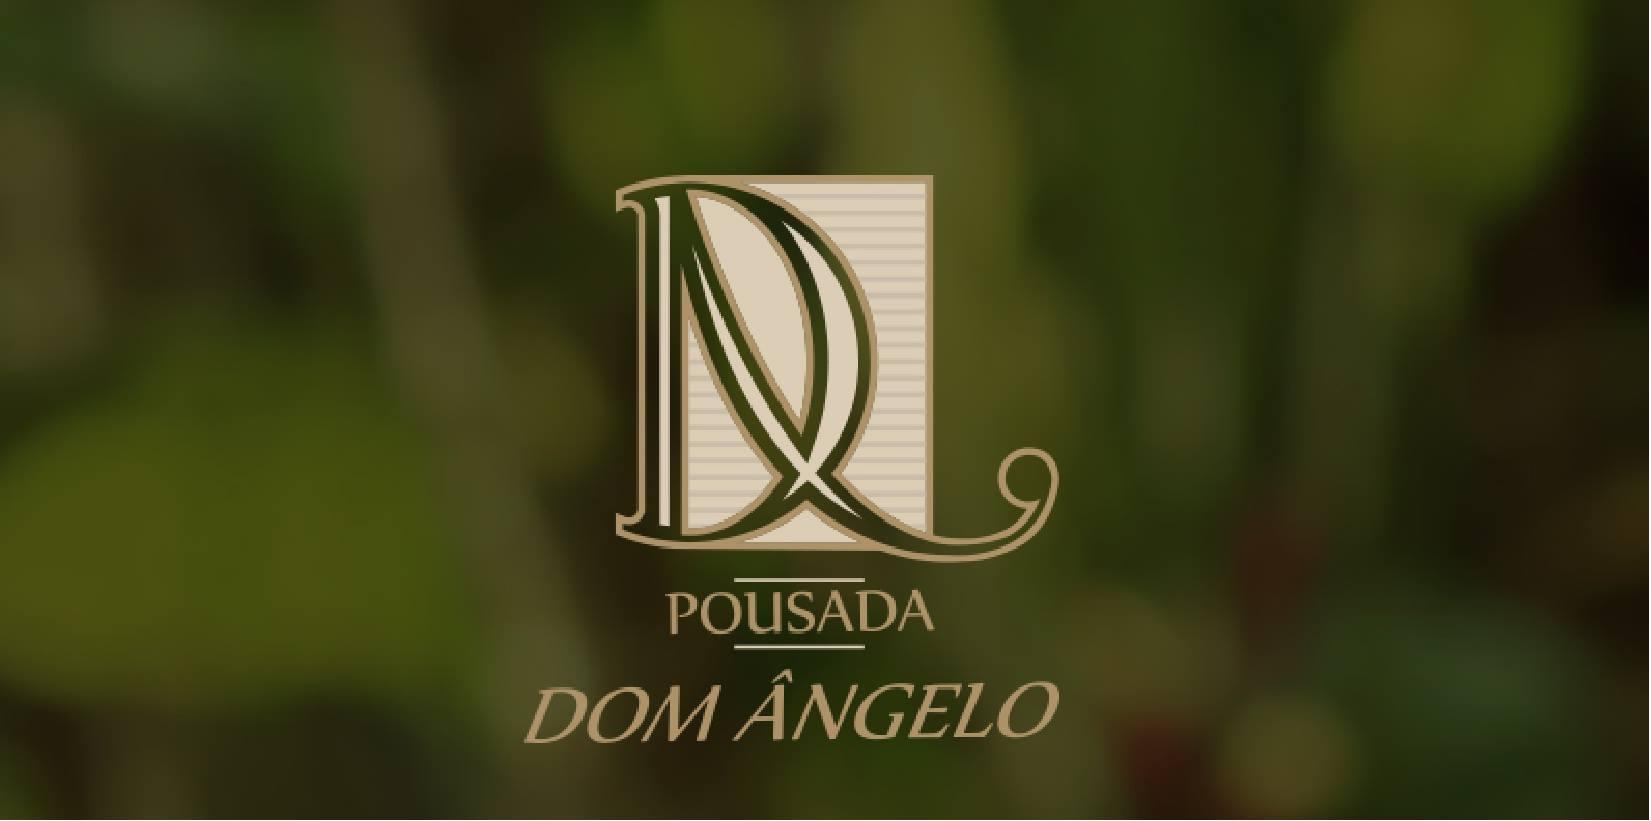 Pousada Dom Angelo